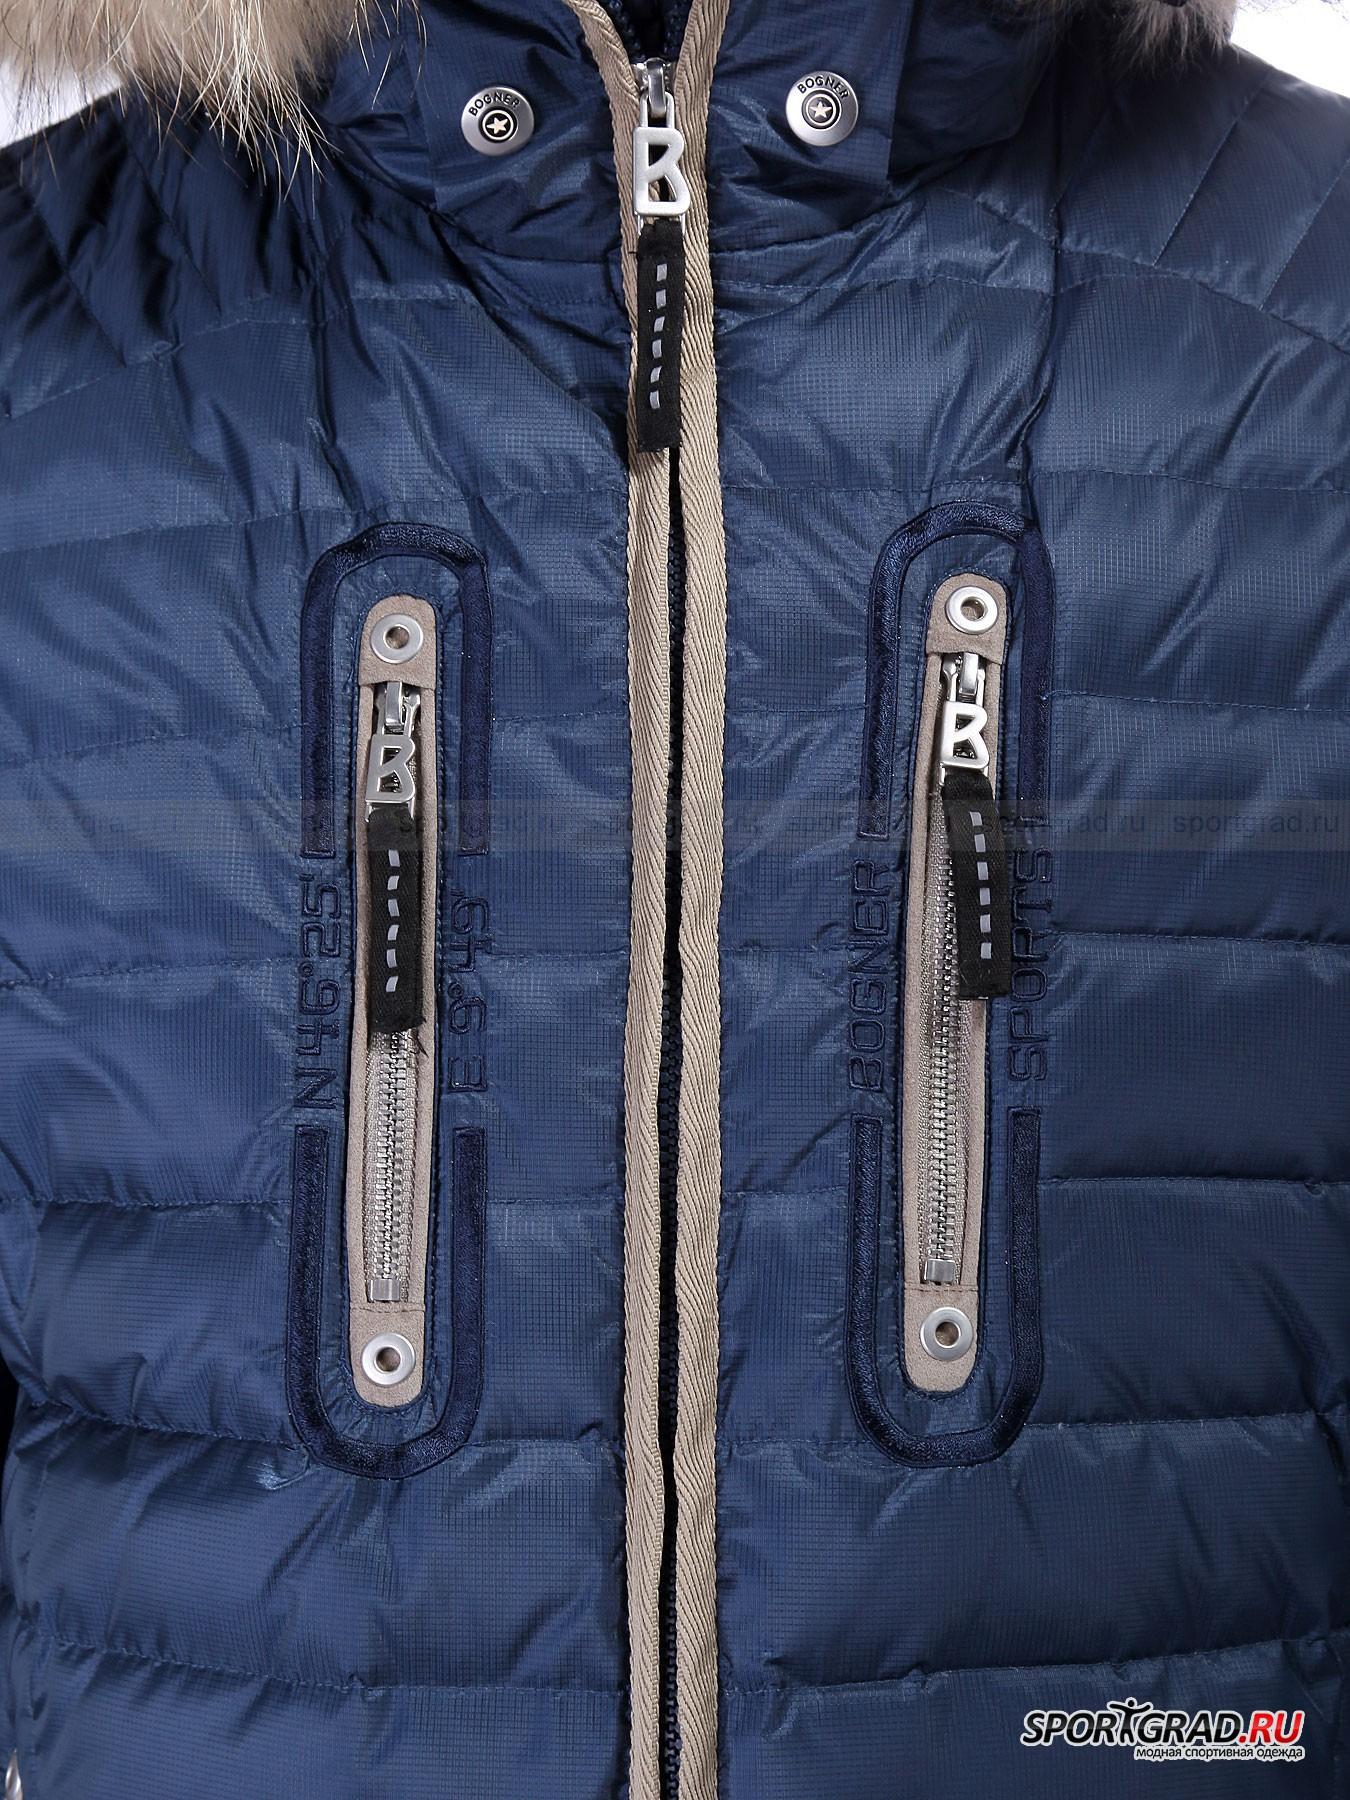 56e86cc4 Отзывы покупателей о Куртка горнолыжная мужская Kai-D BOGNER от ...